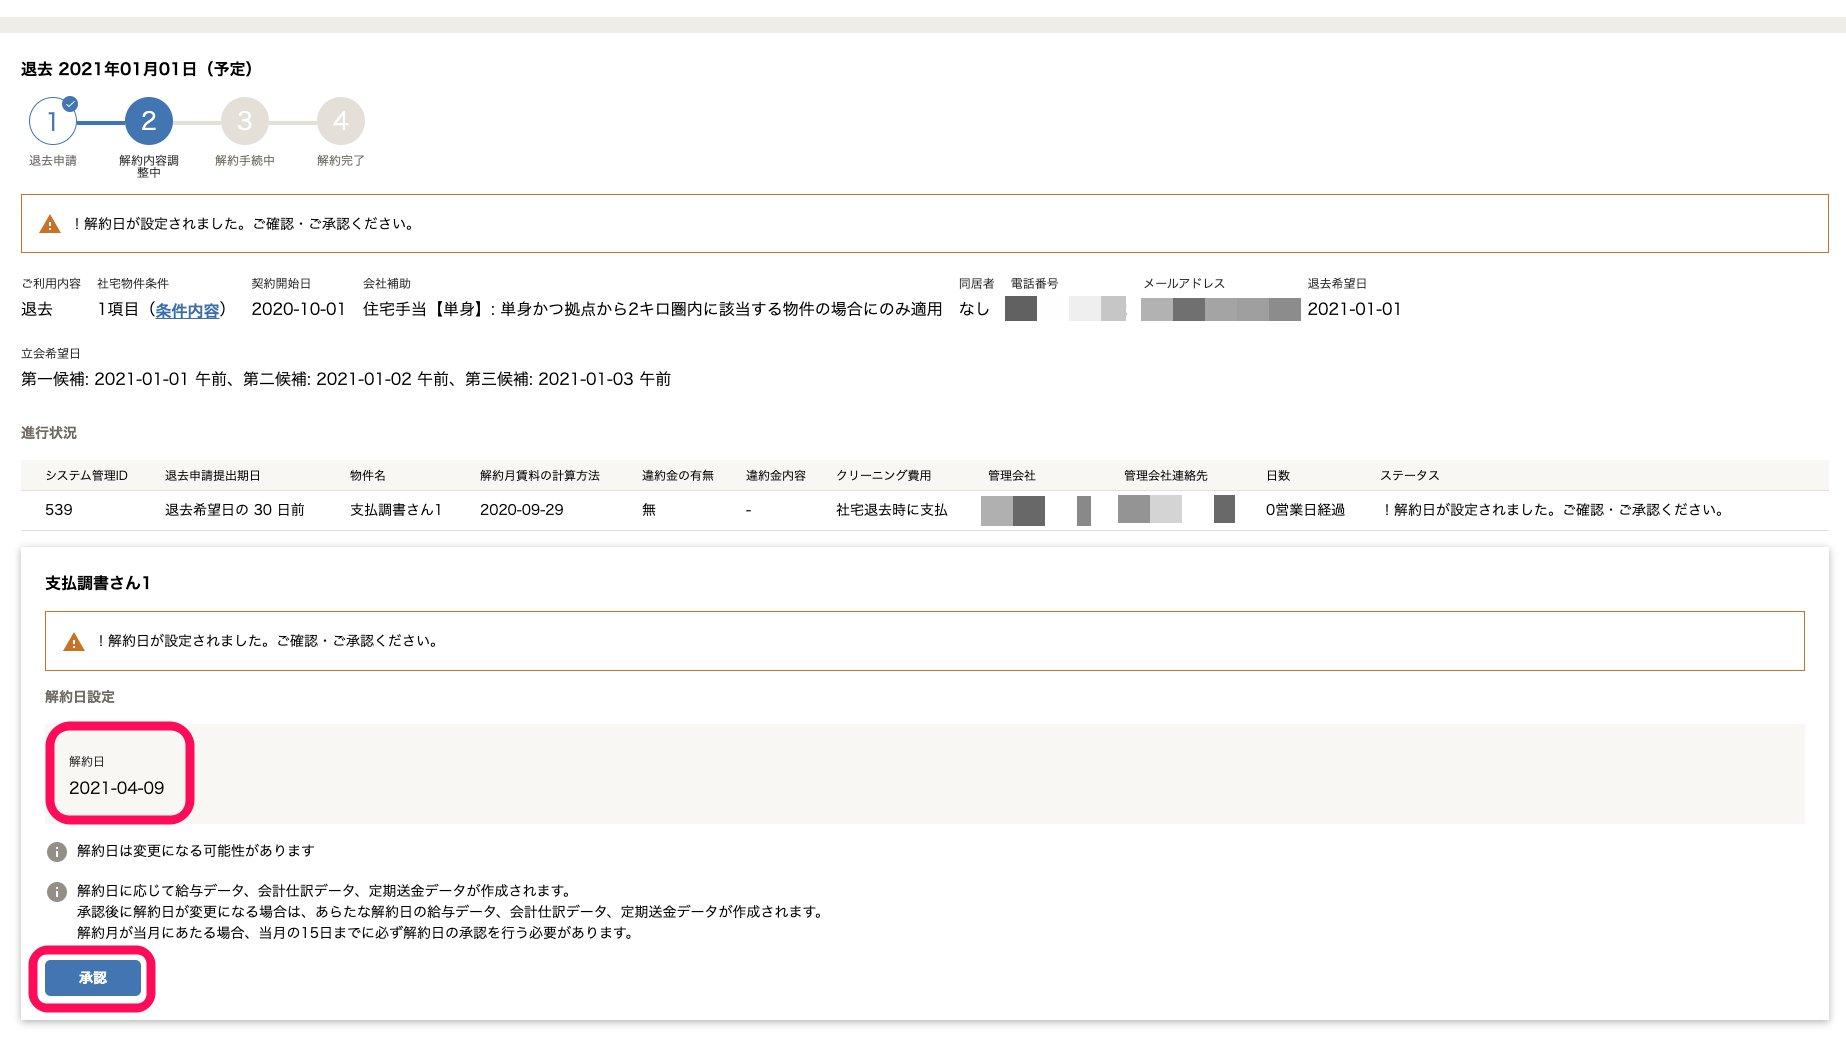 承認画面の解約日と[承認]ボタンを指し示しているスクリーンショット